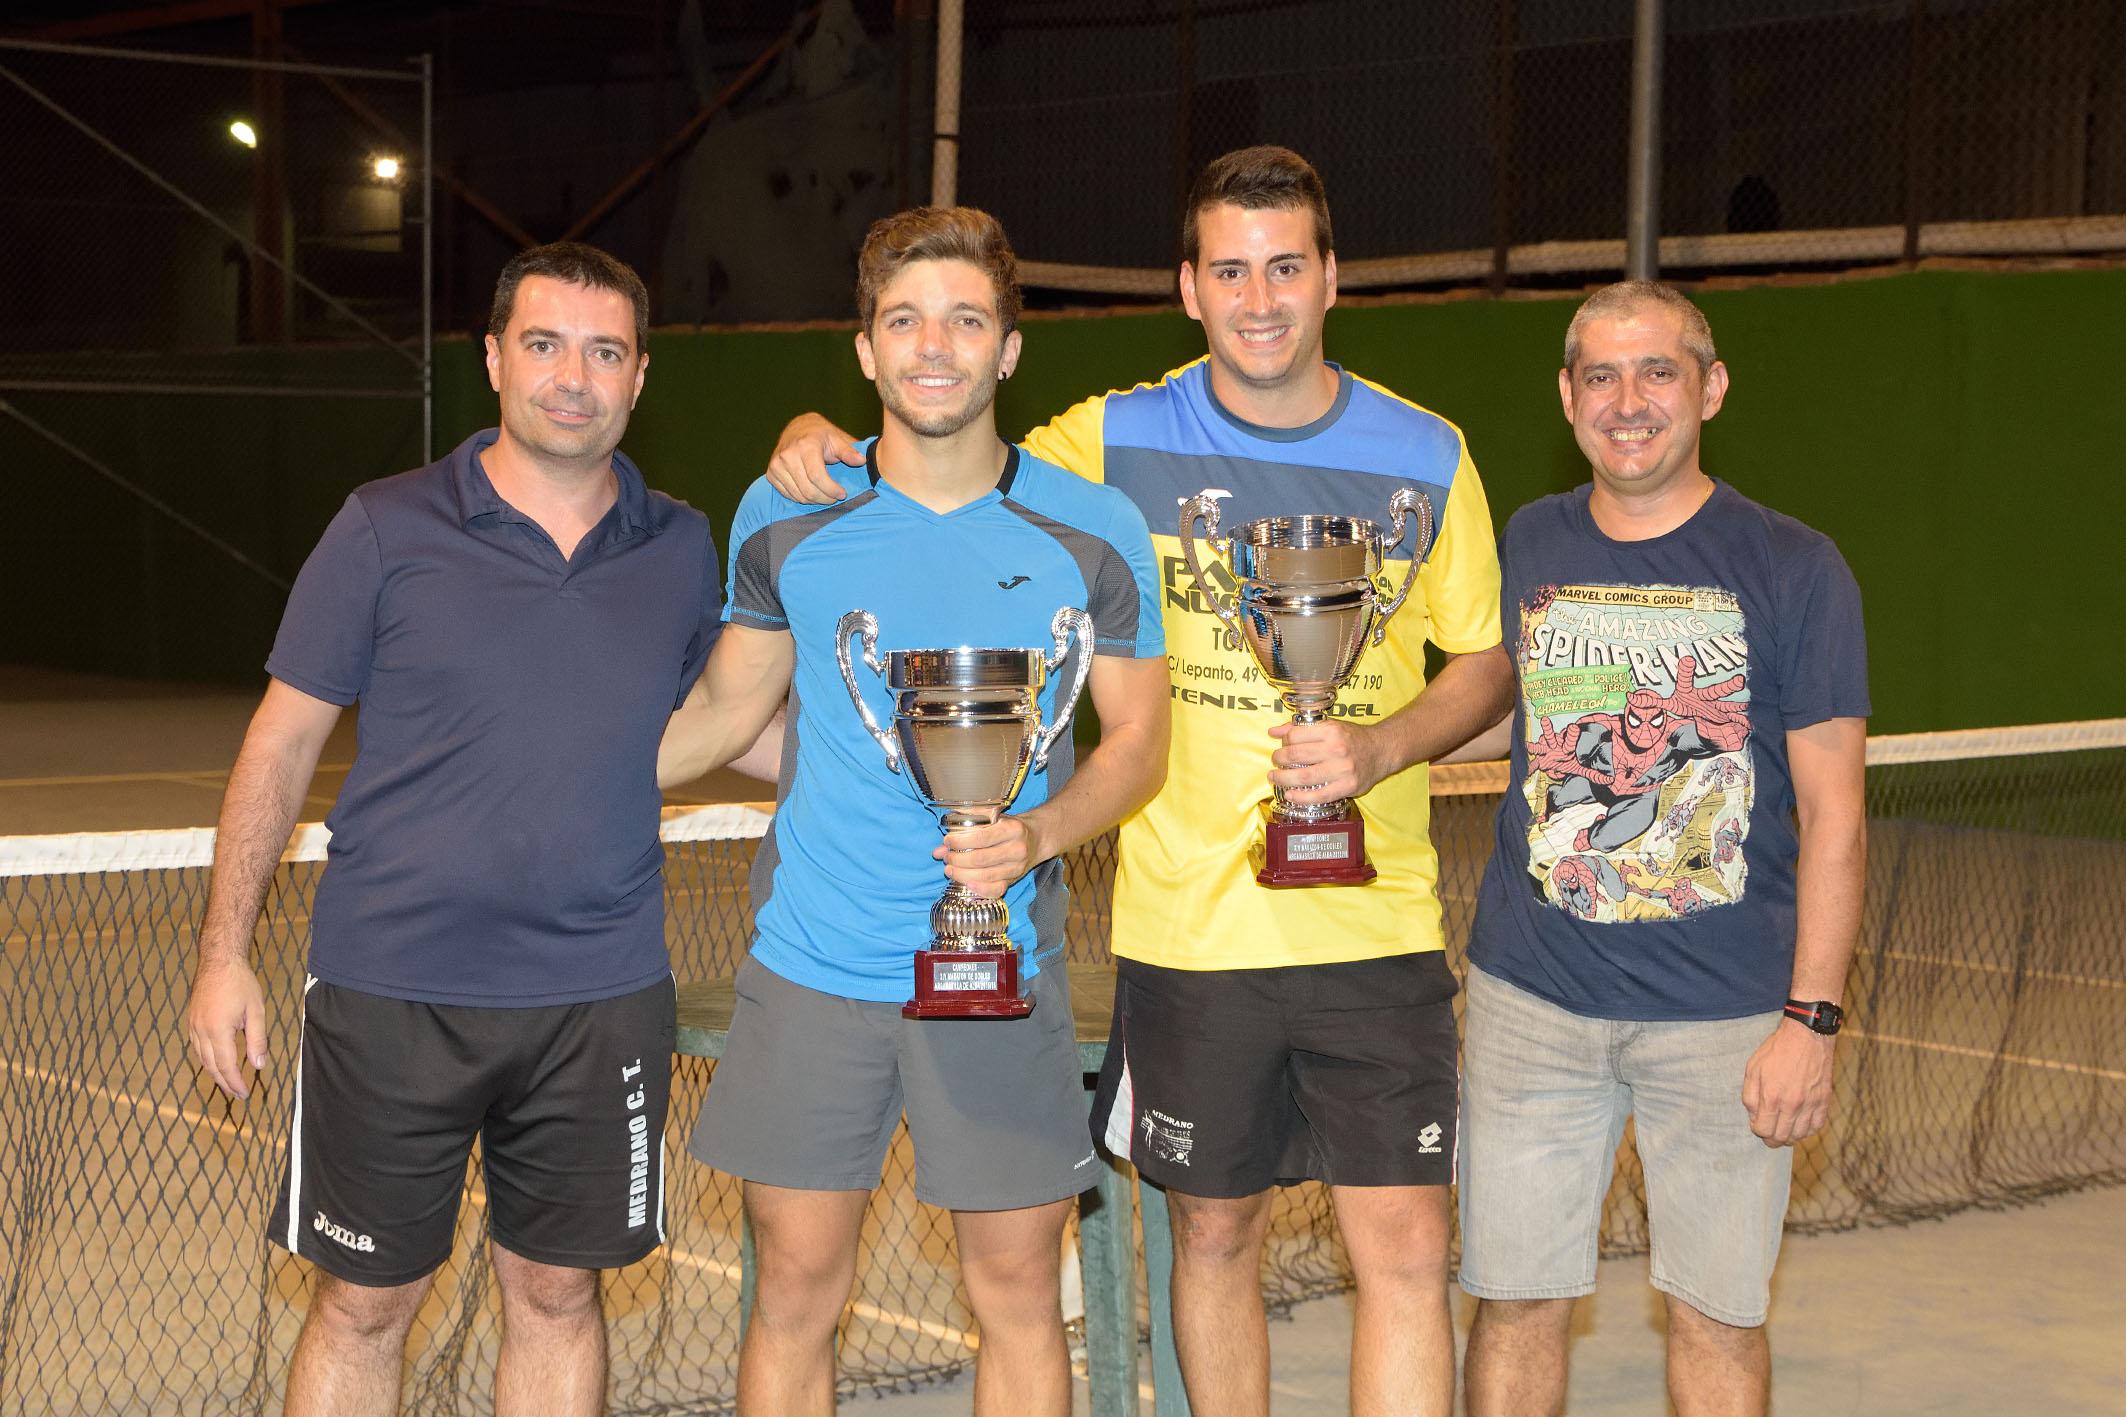 Maratón tenis dobles campeones, Argamasilla de Alba